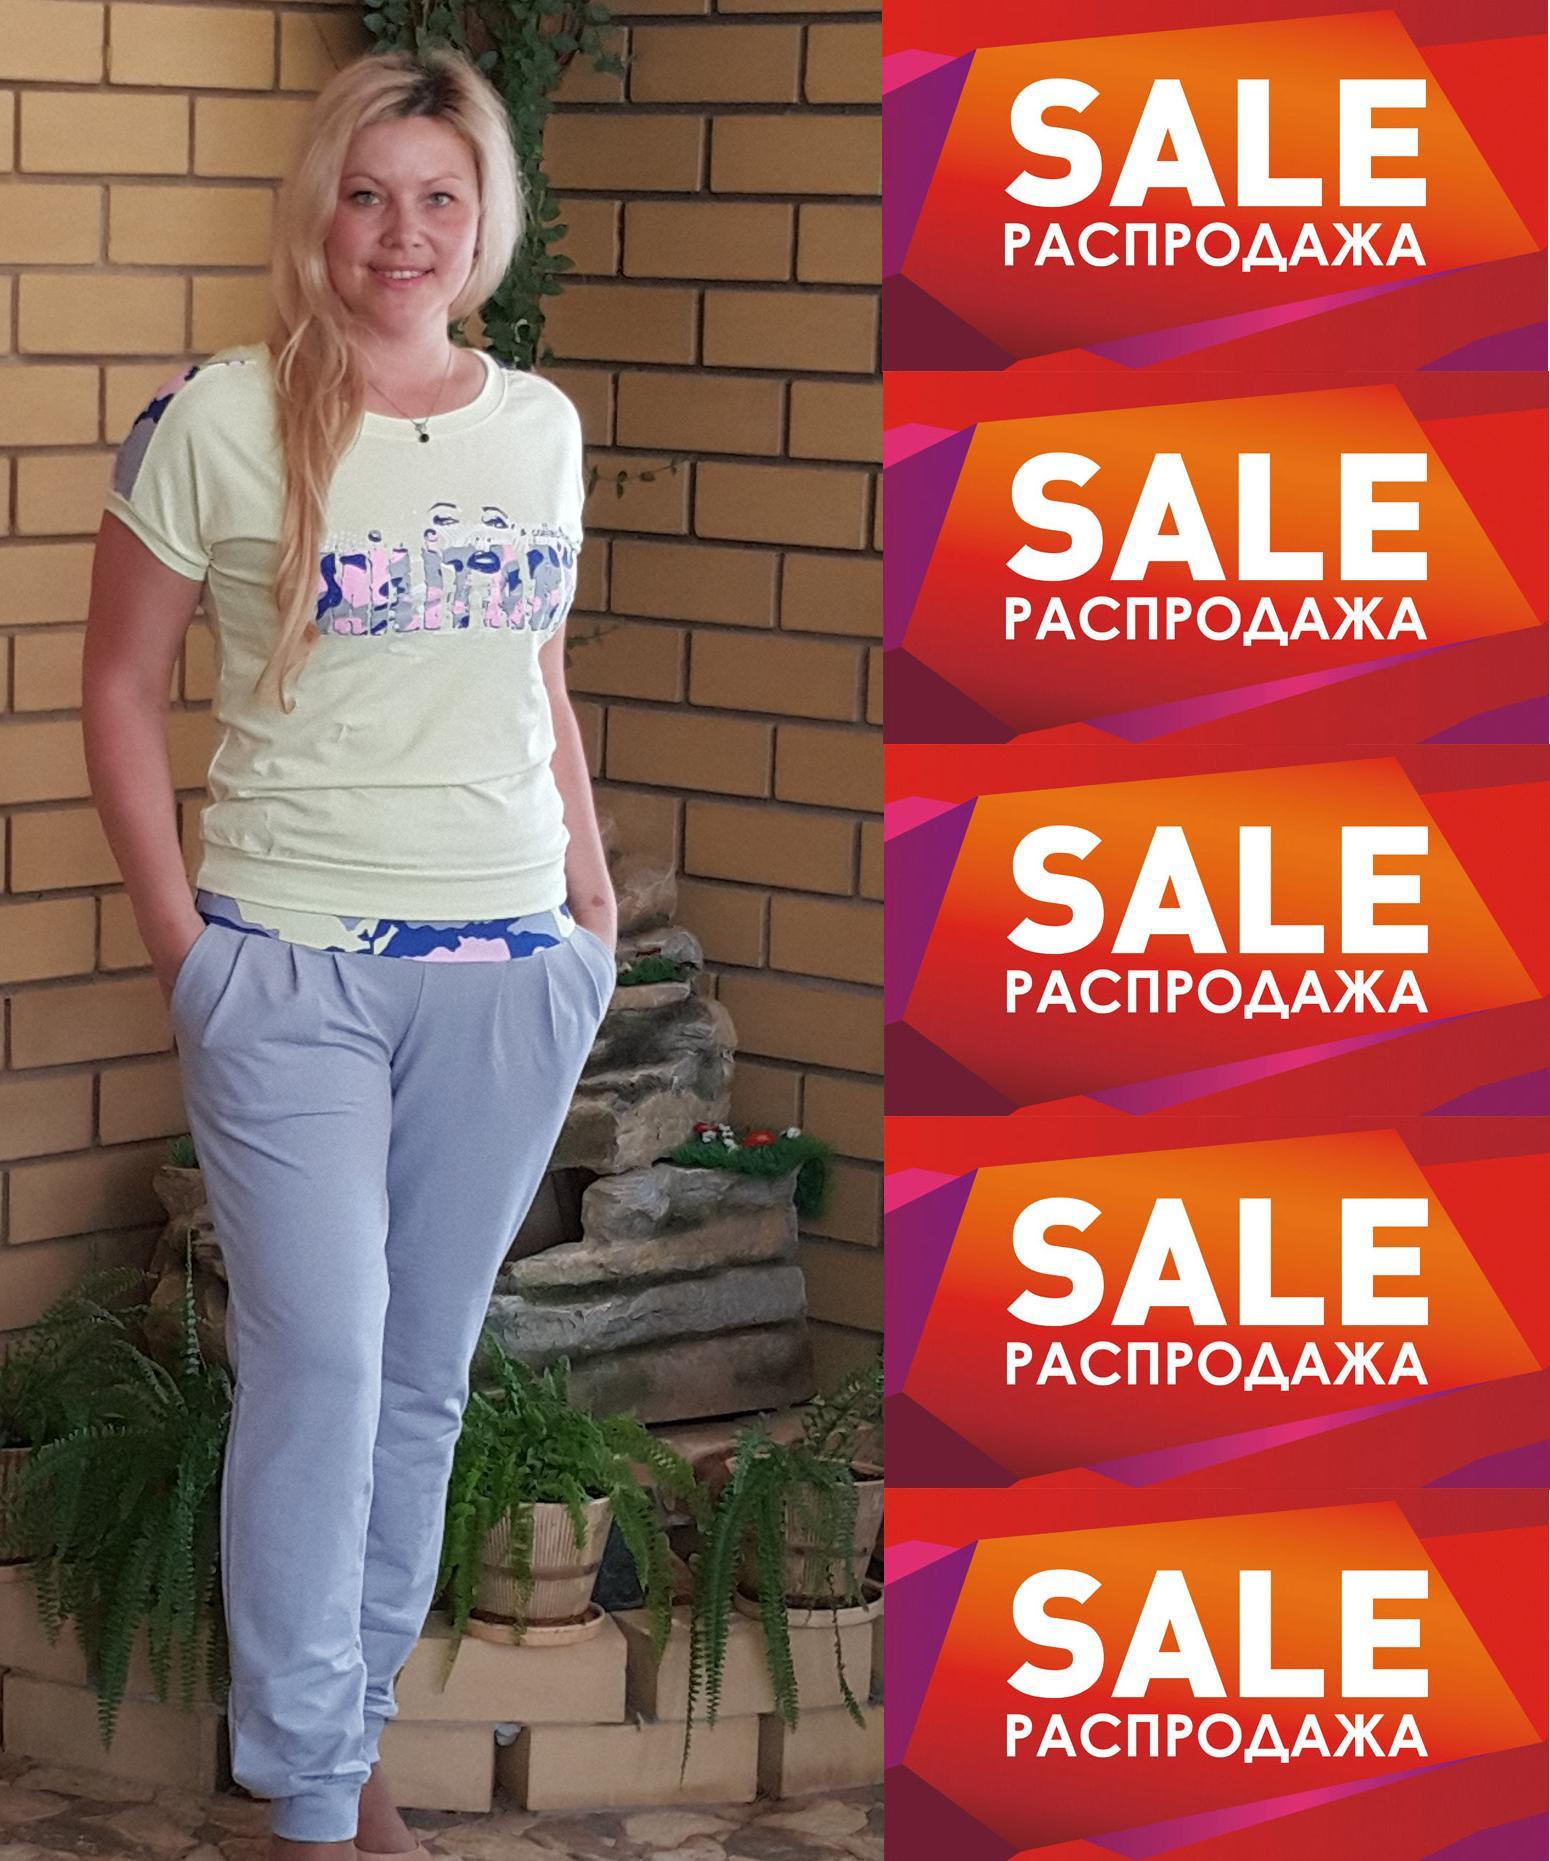 З0л0т0e Pyн0-12. Хороший дешевый трикотаж для милых женщин и девочек подростков. Одежда для сна, для дома и не только. Распродажа! Без рядов!